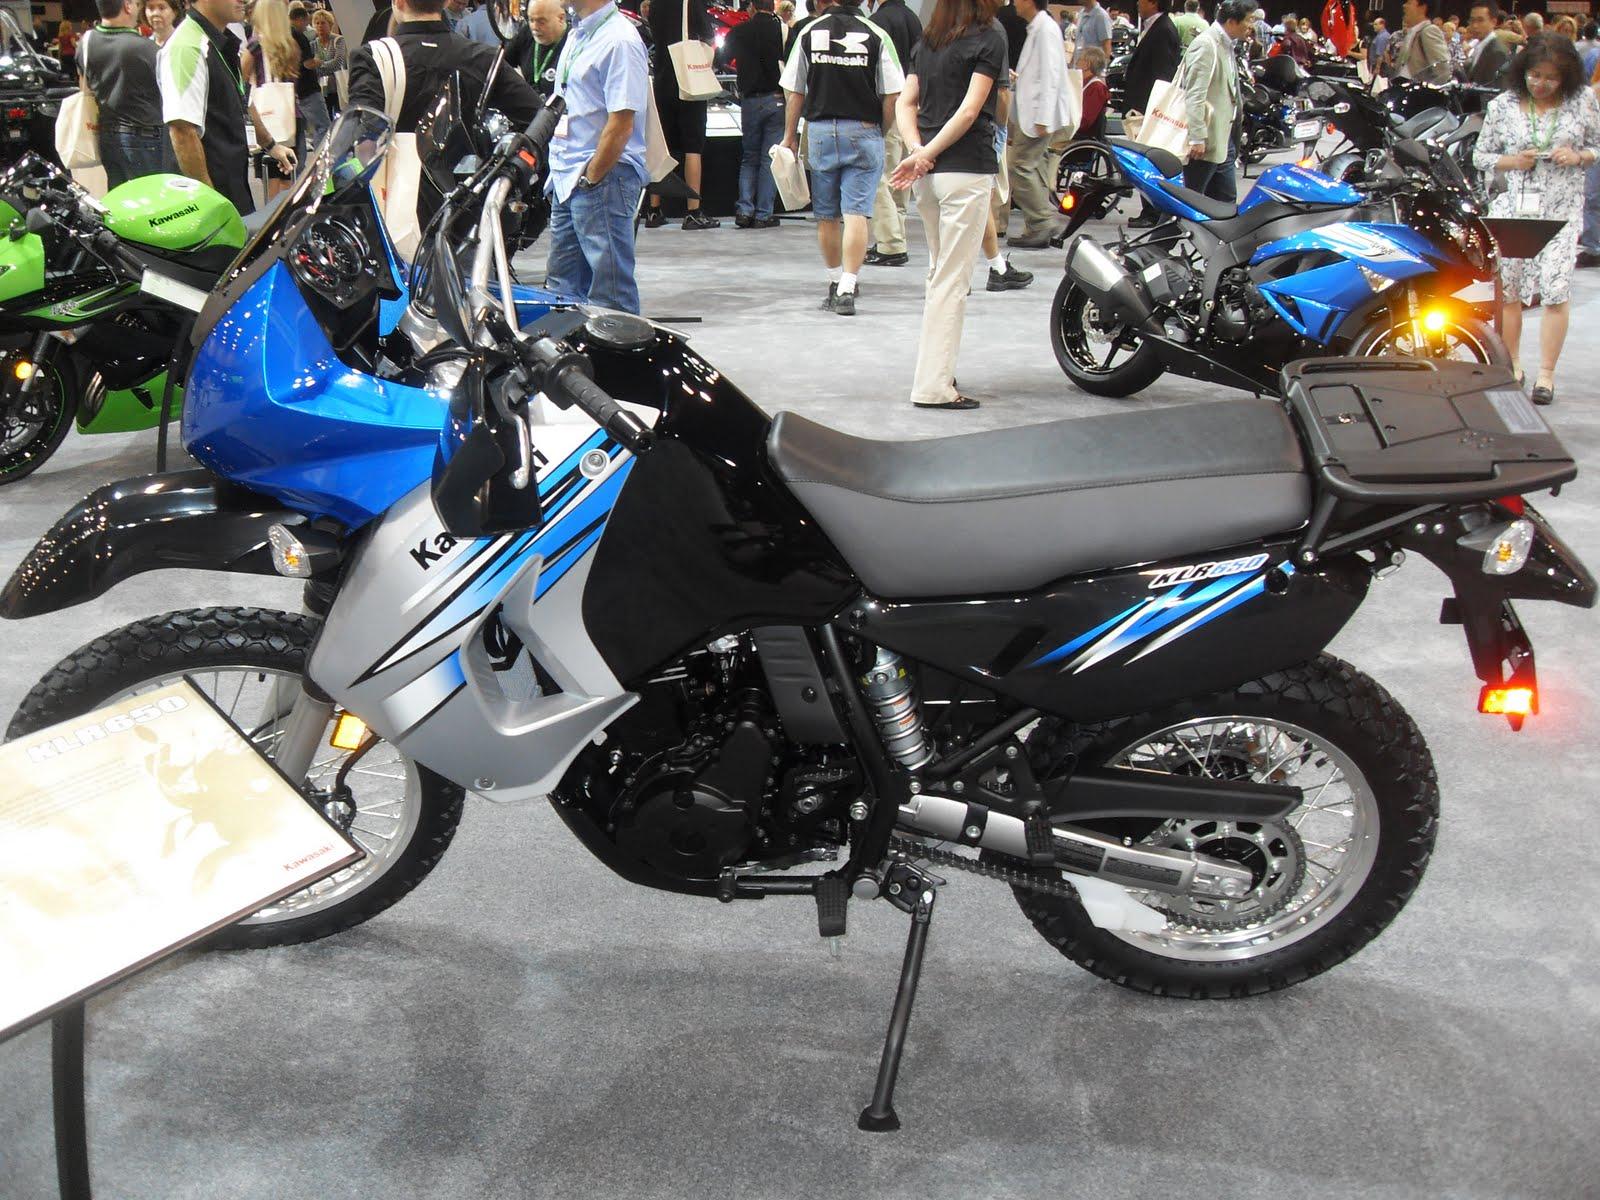 Centro Mondial Kawasaki: FOTOS EXCLUSIVAS KAWASAKI KLR 650